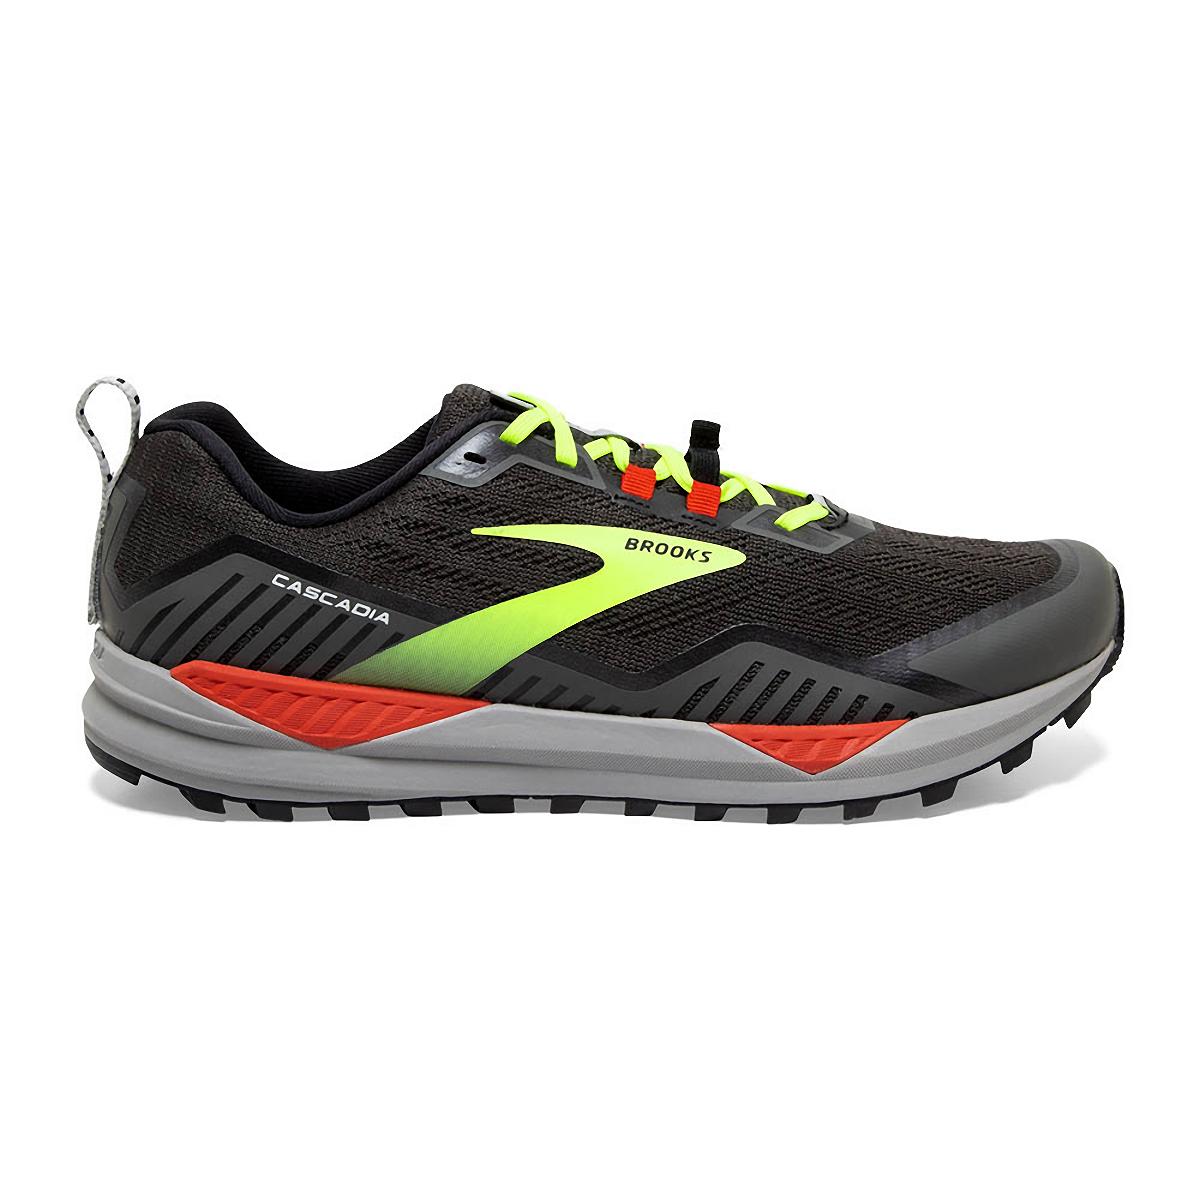 Men's Brooks Cascadia 15 Trail Running Shoe - Color: Black/Raven - Size: 8.5 - Width: Regular, Black/Raven, large, image 1